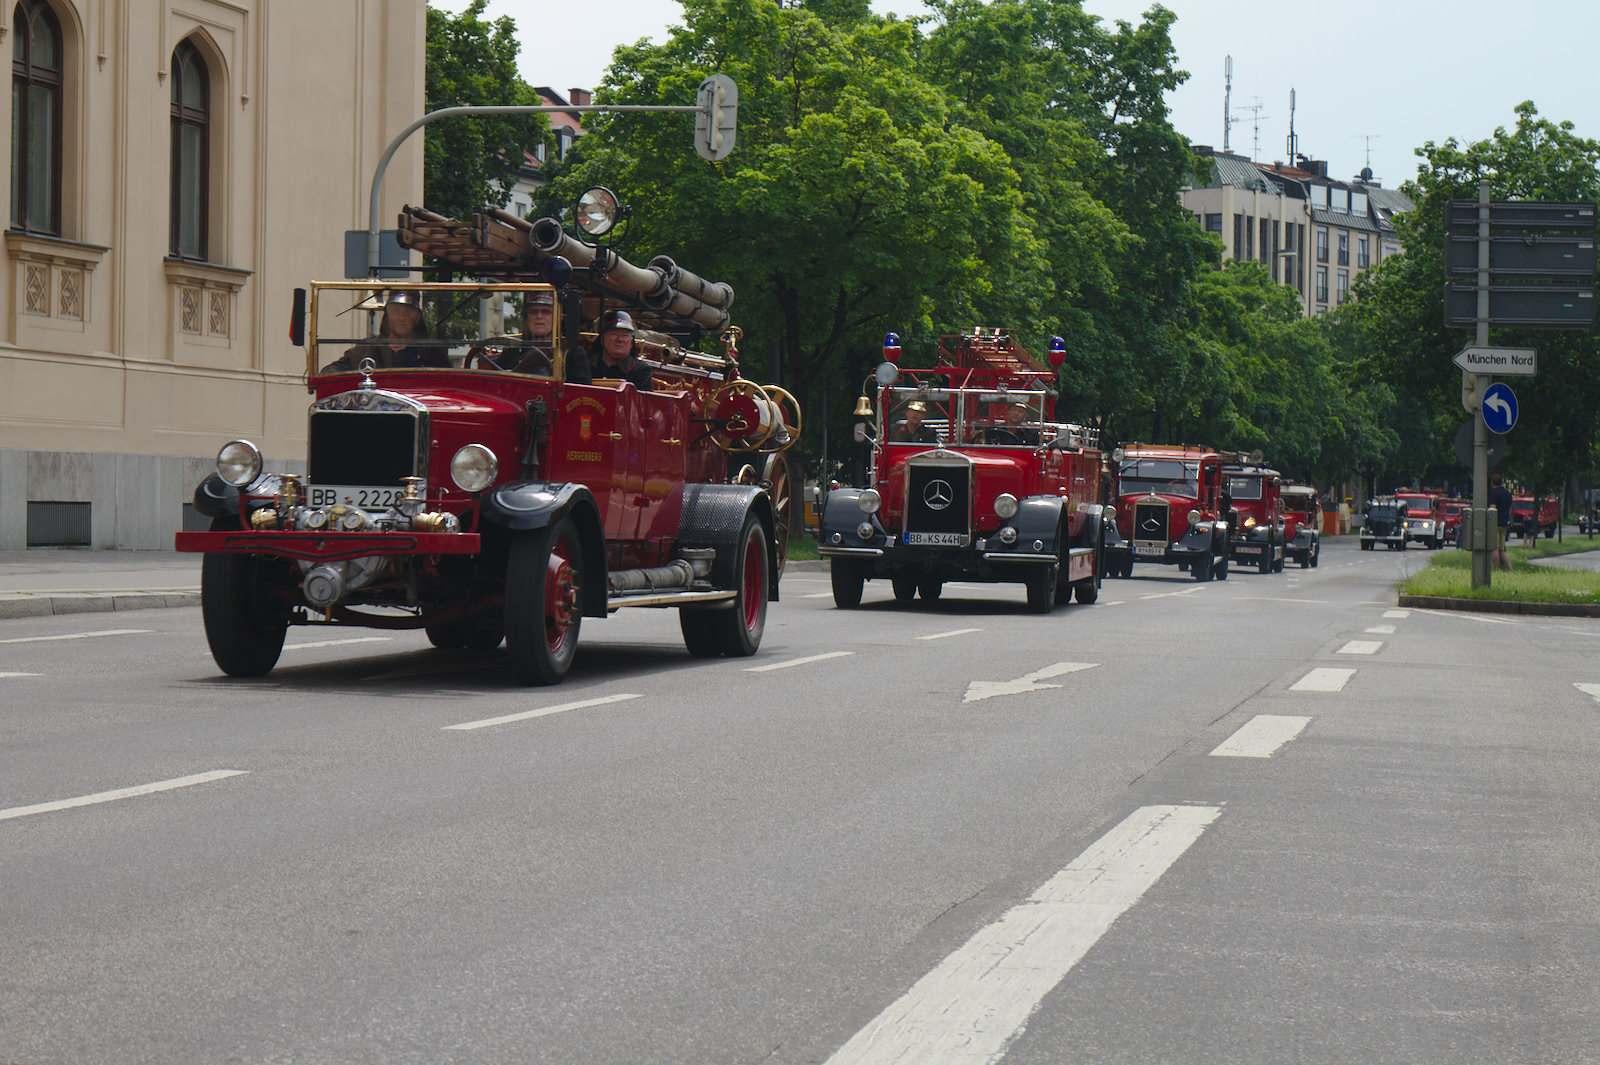 volunteer fire department1 150 Years Volunteer Fire Department in Munich